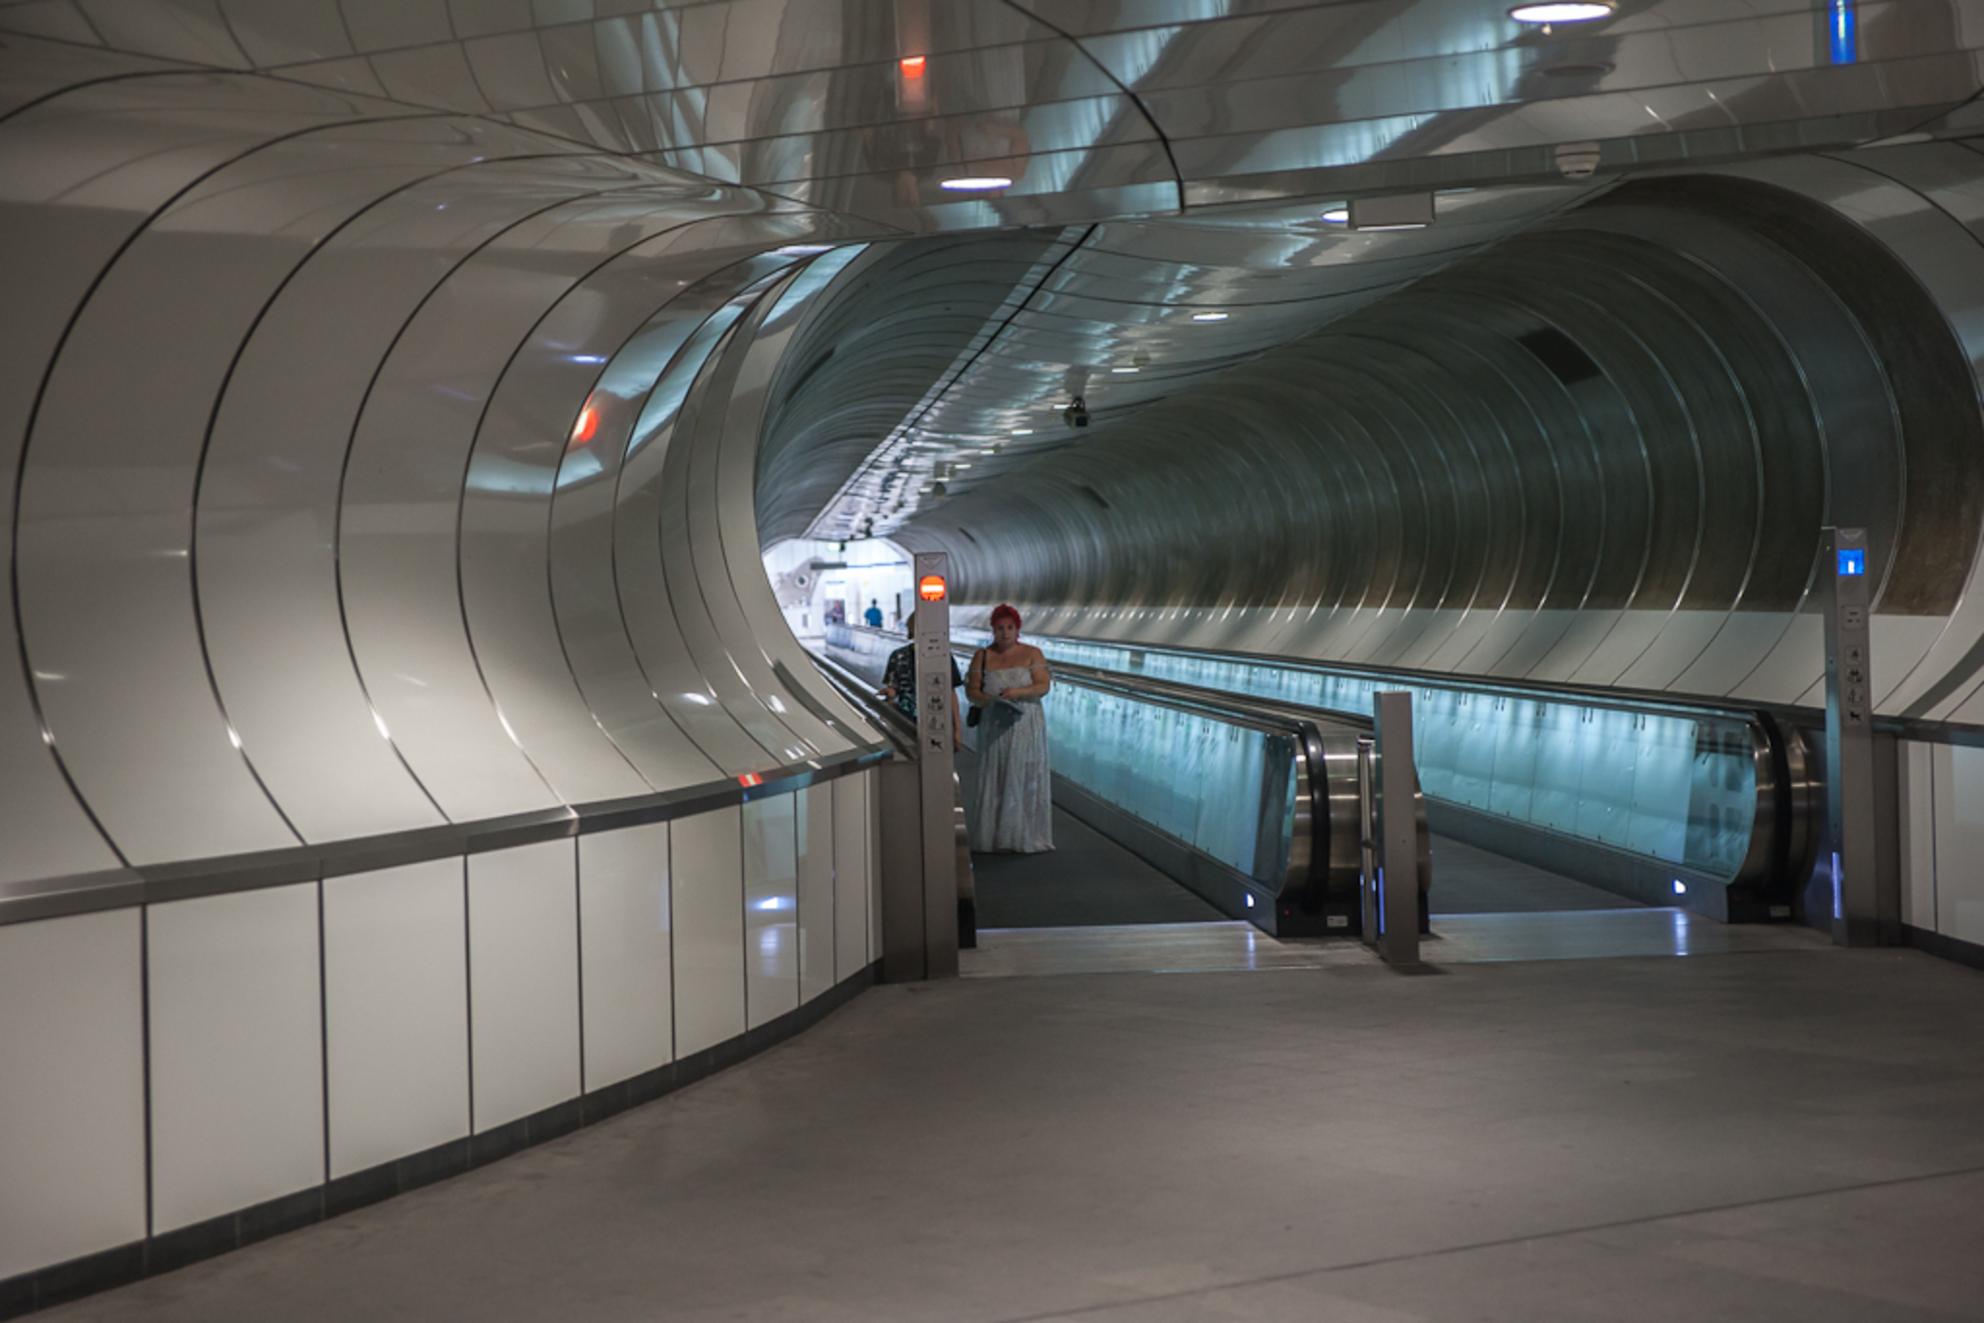 Rotterdam 19 - Metrostation Wilhelminaplein. - foto door Jaap93 op 31-07-2012 - deze foto bevat: rotterdam, metro, jaap93